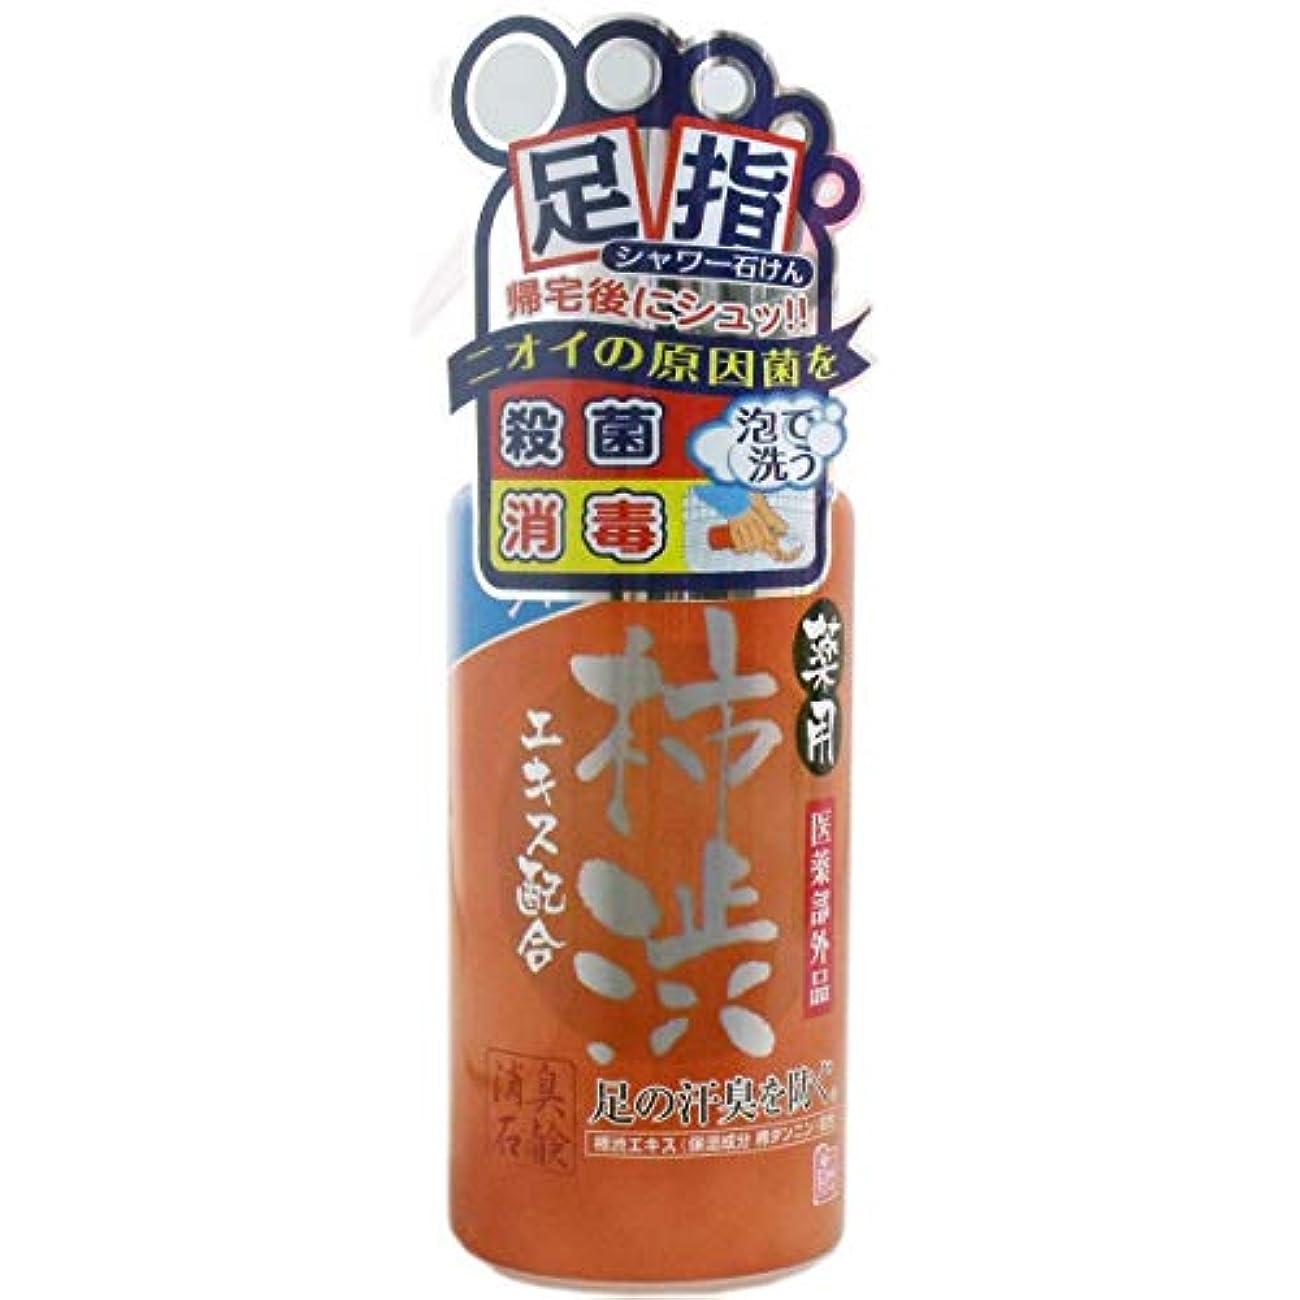 歯中性アーサーコナンドイル柿渋 薬用 足のシャワーガン 250mL [医薬部外品]【4点セット】